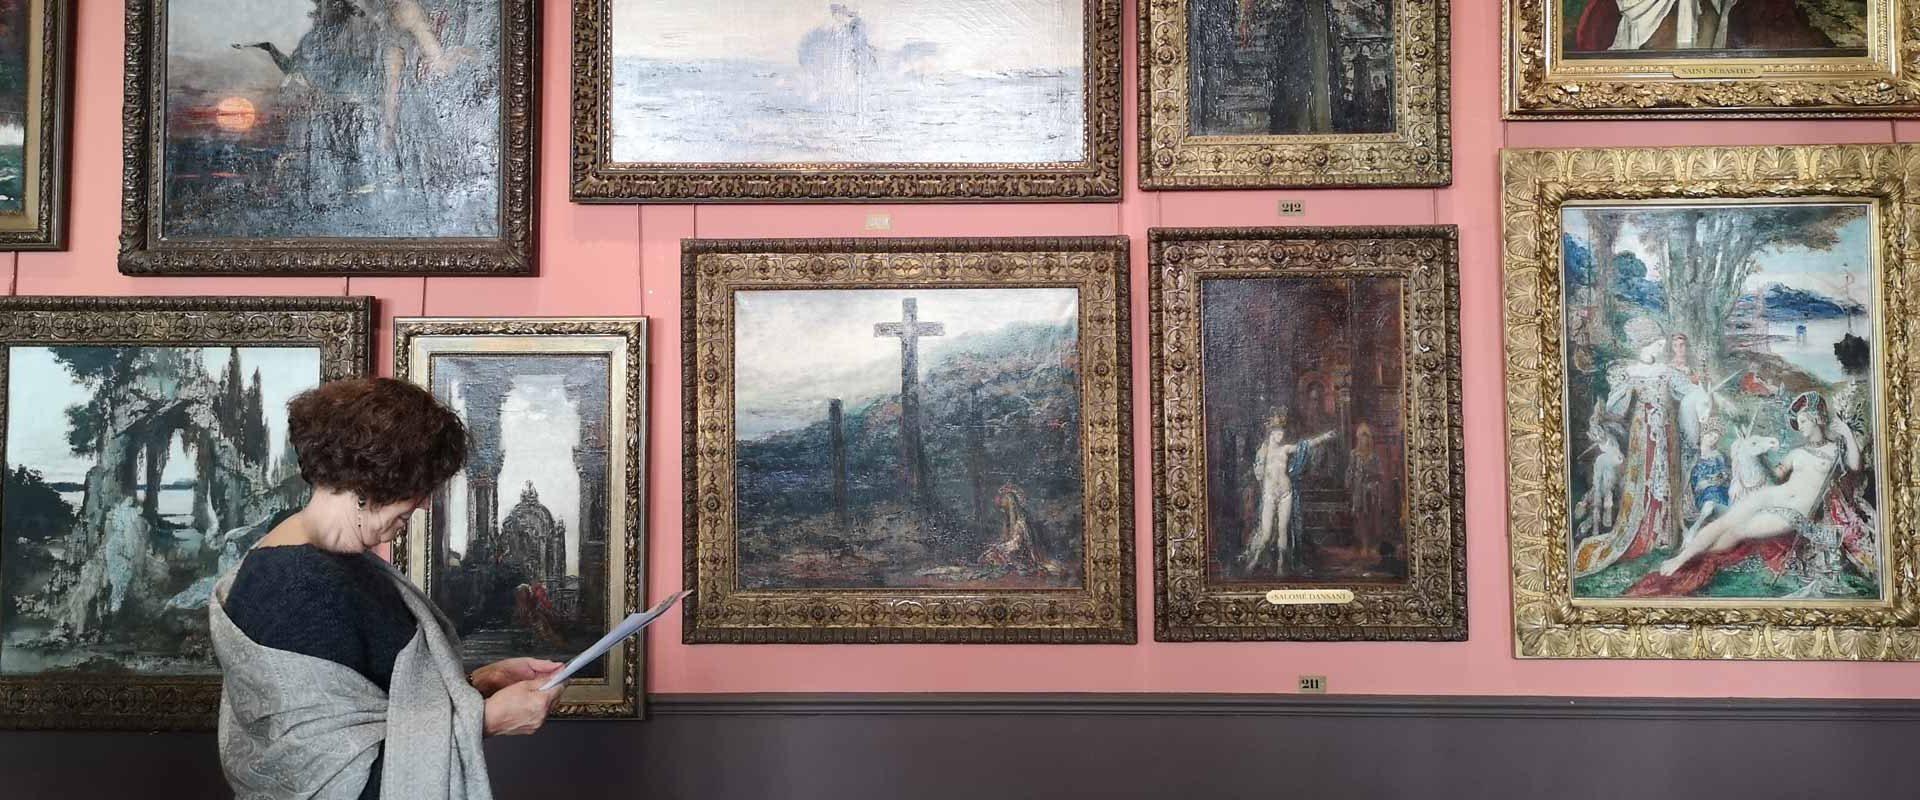 Religious art tour